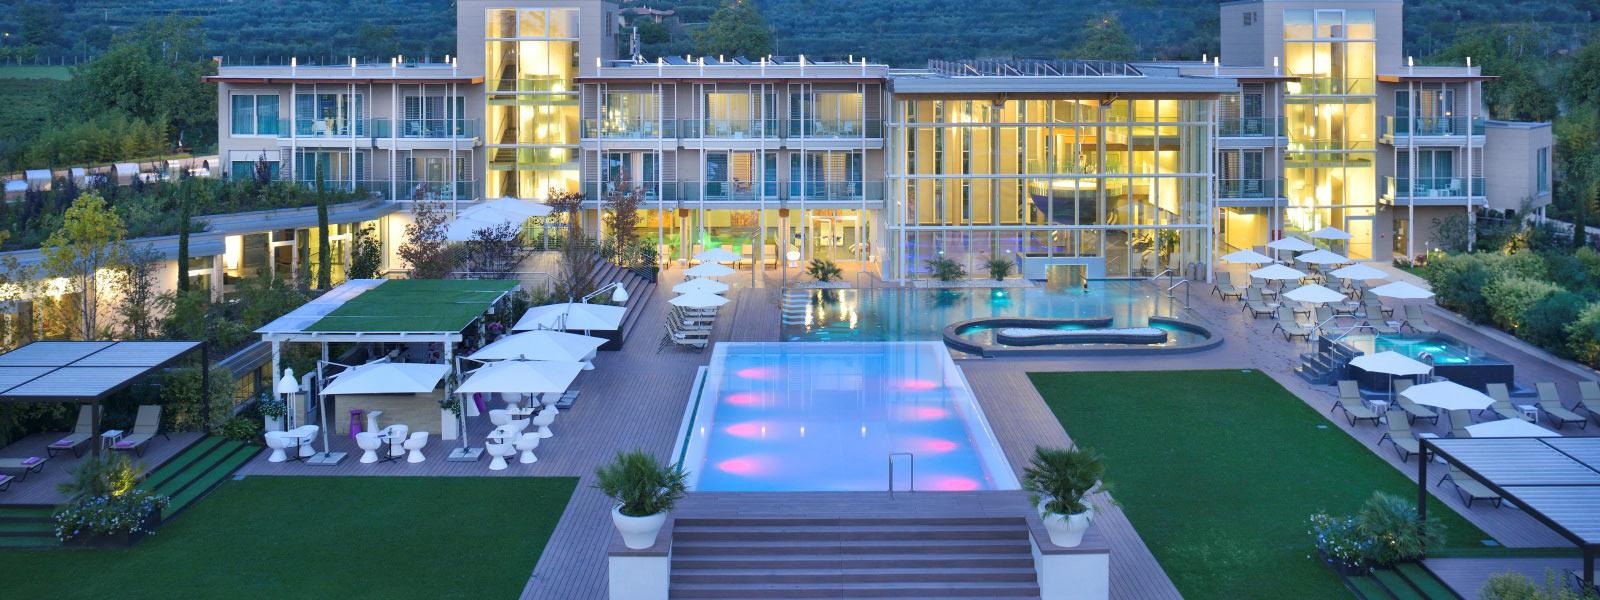 Aqualux hotel spa suite terme bardolino verona lago di garda - Hotel con piscina montagna ...